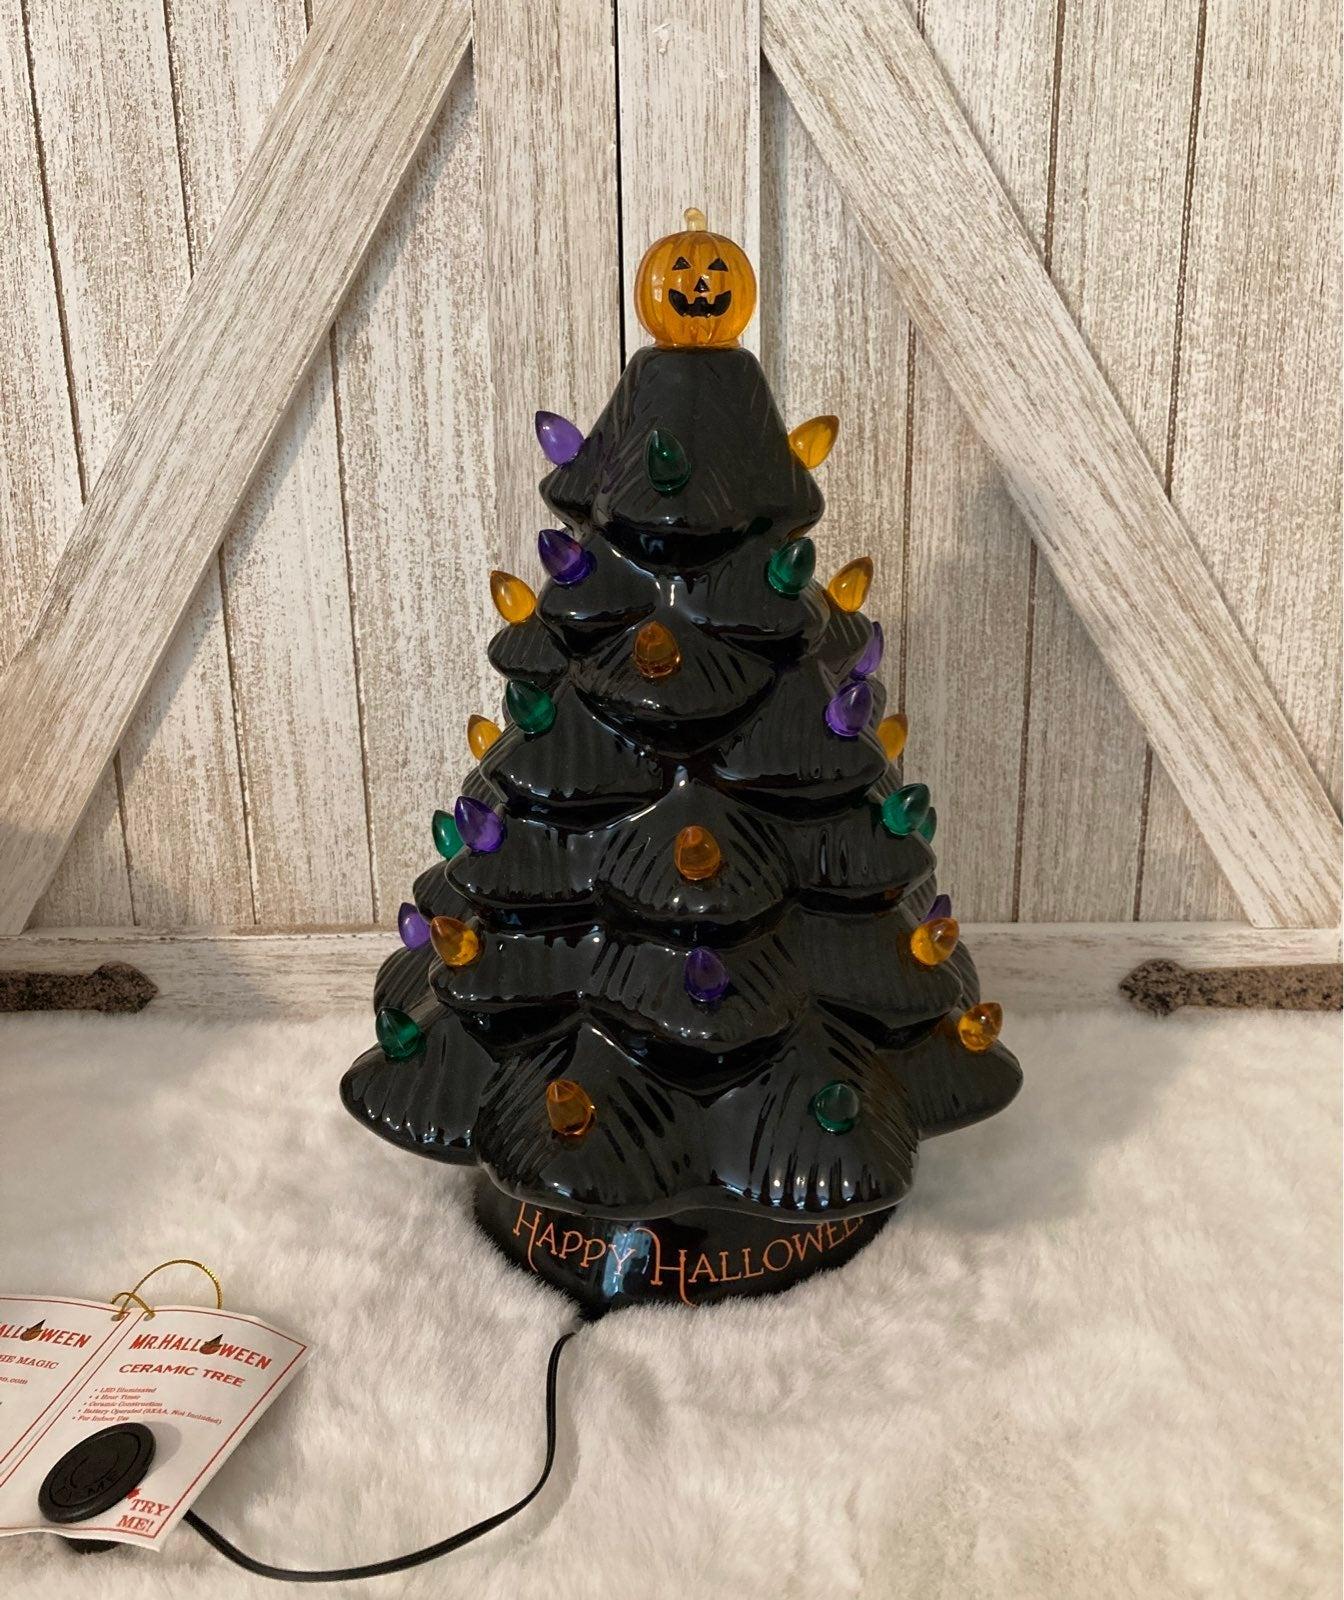 Mr Halloween Black Lighted Ceramic Tree